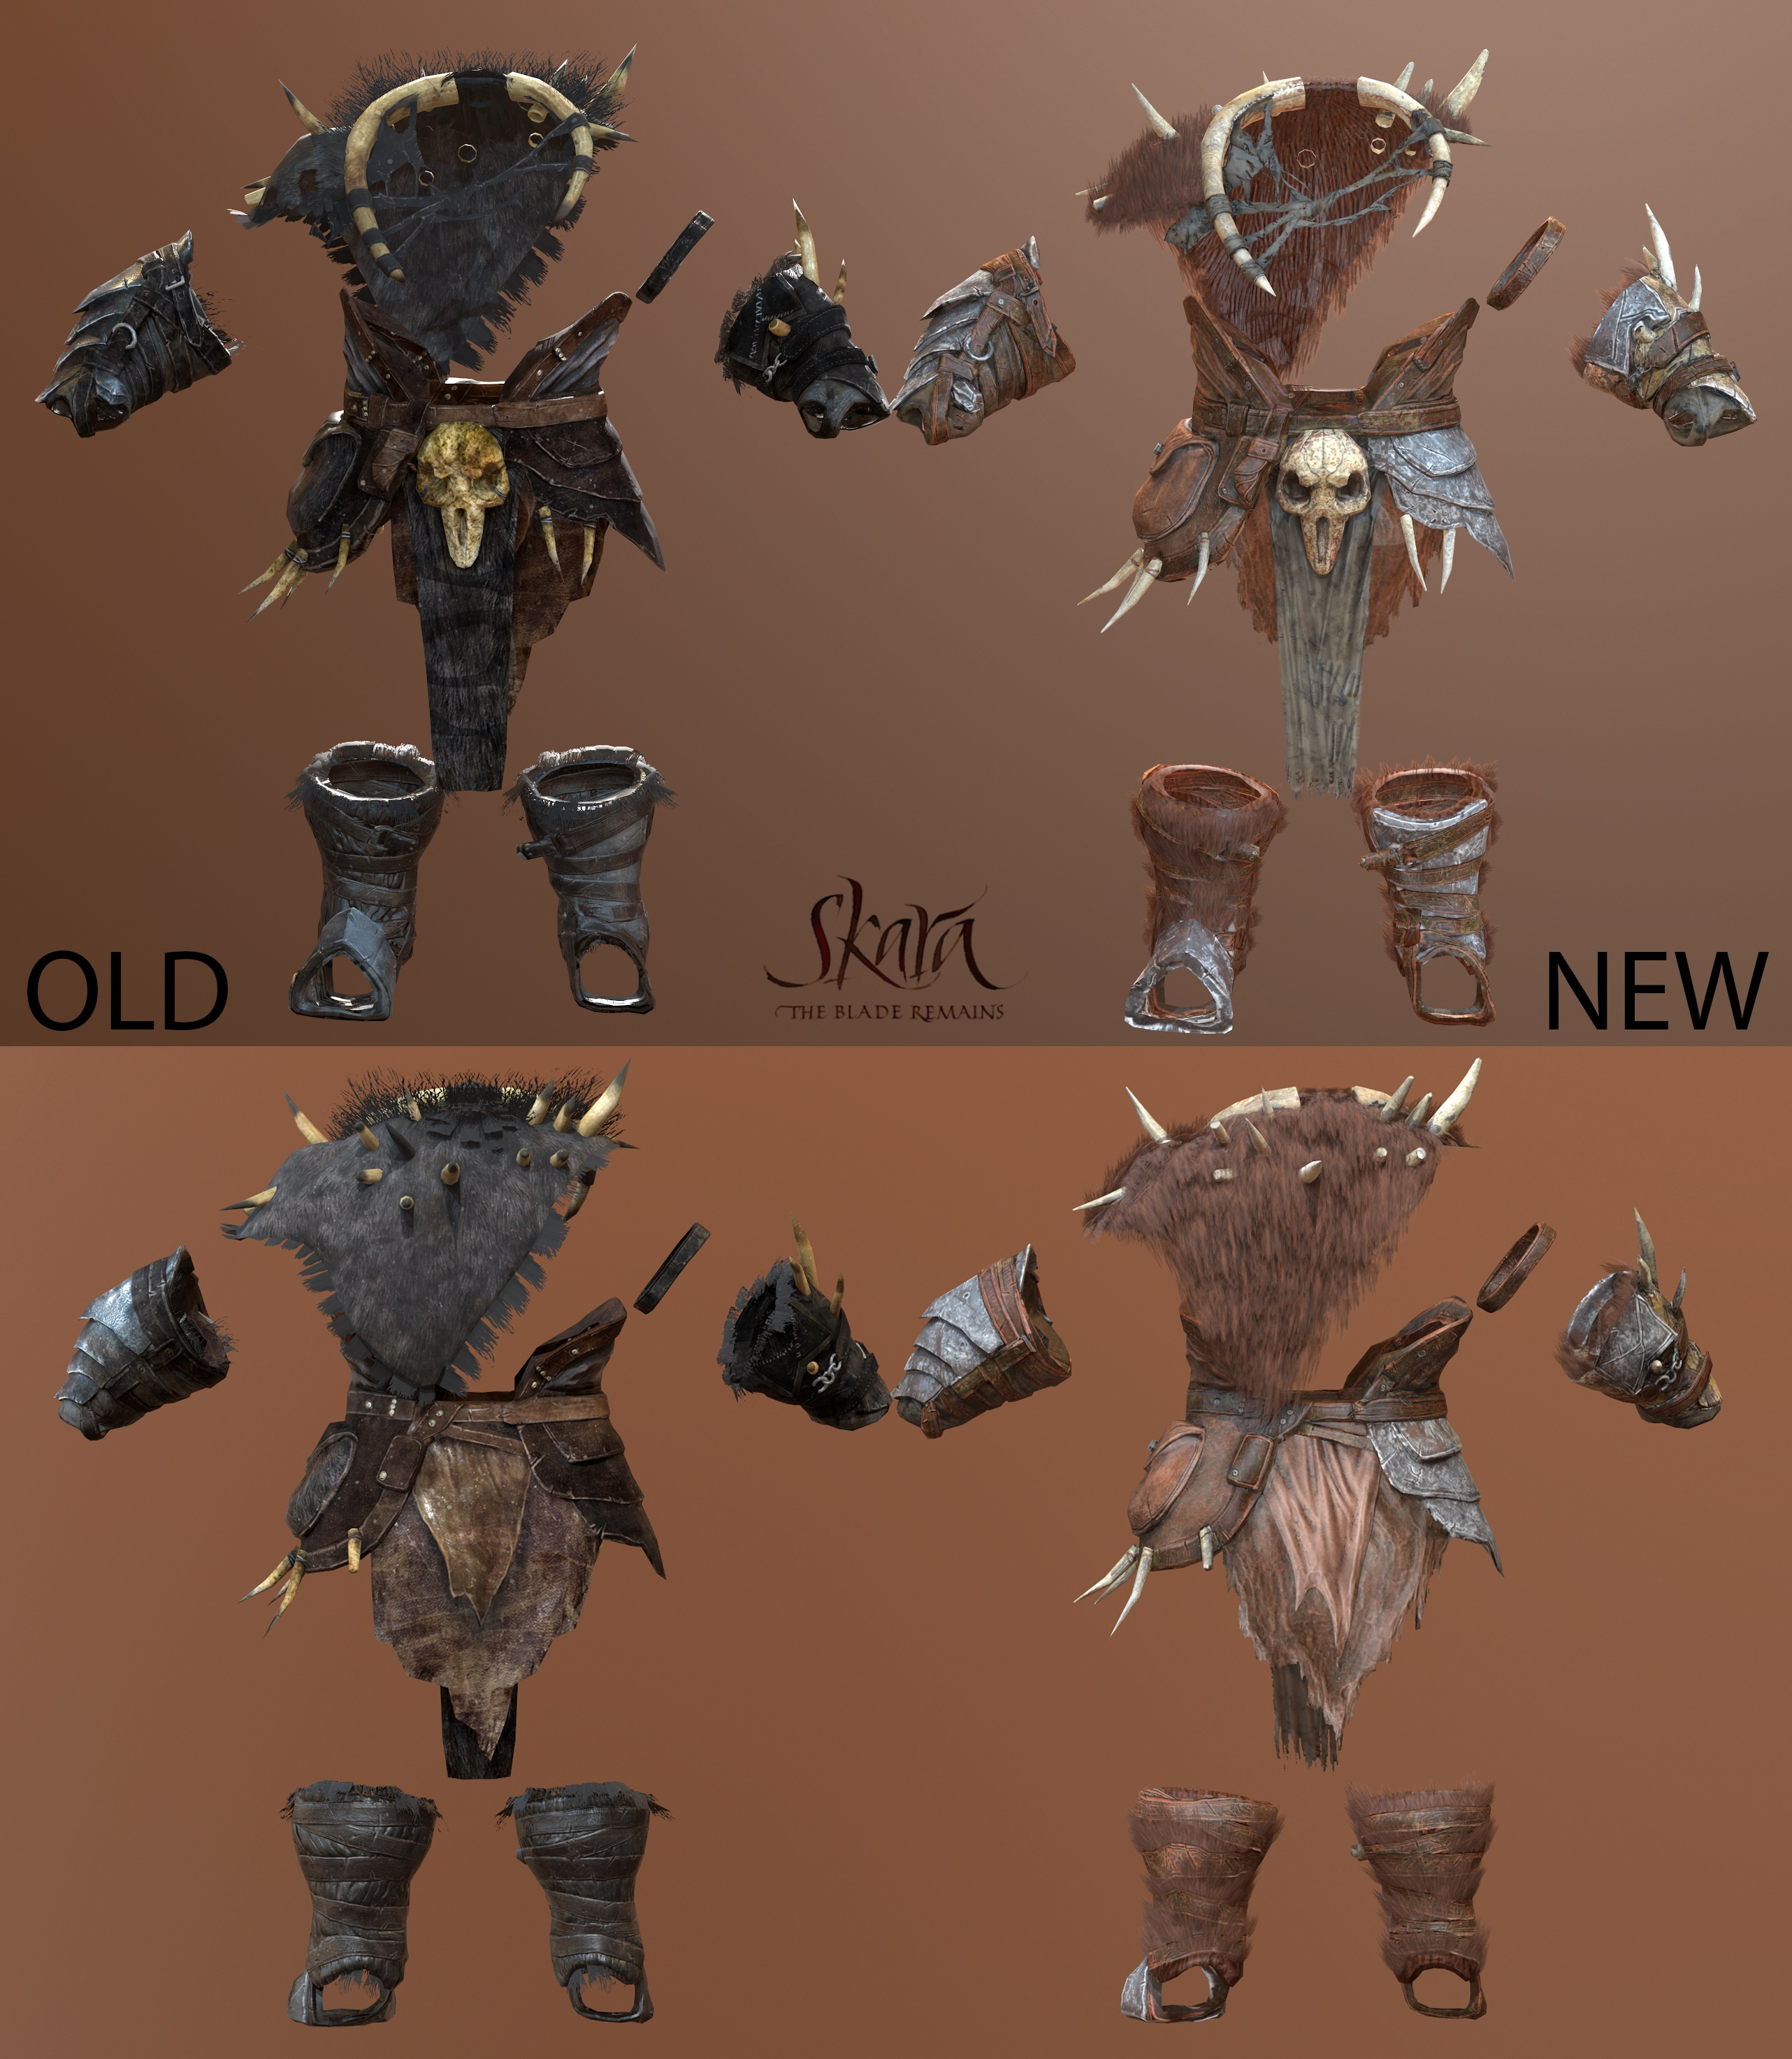 krn 01 comparison